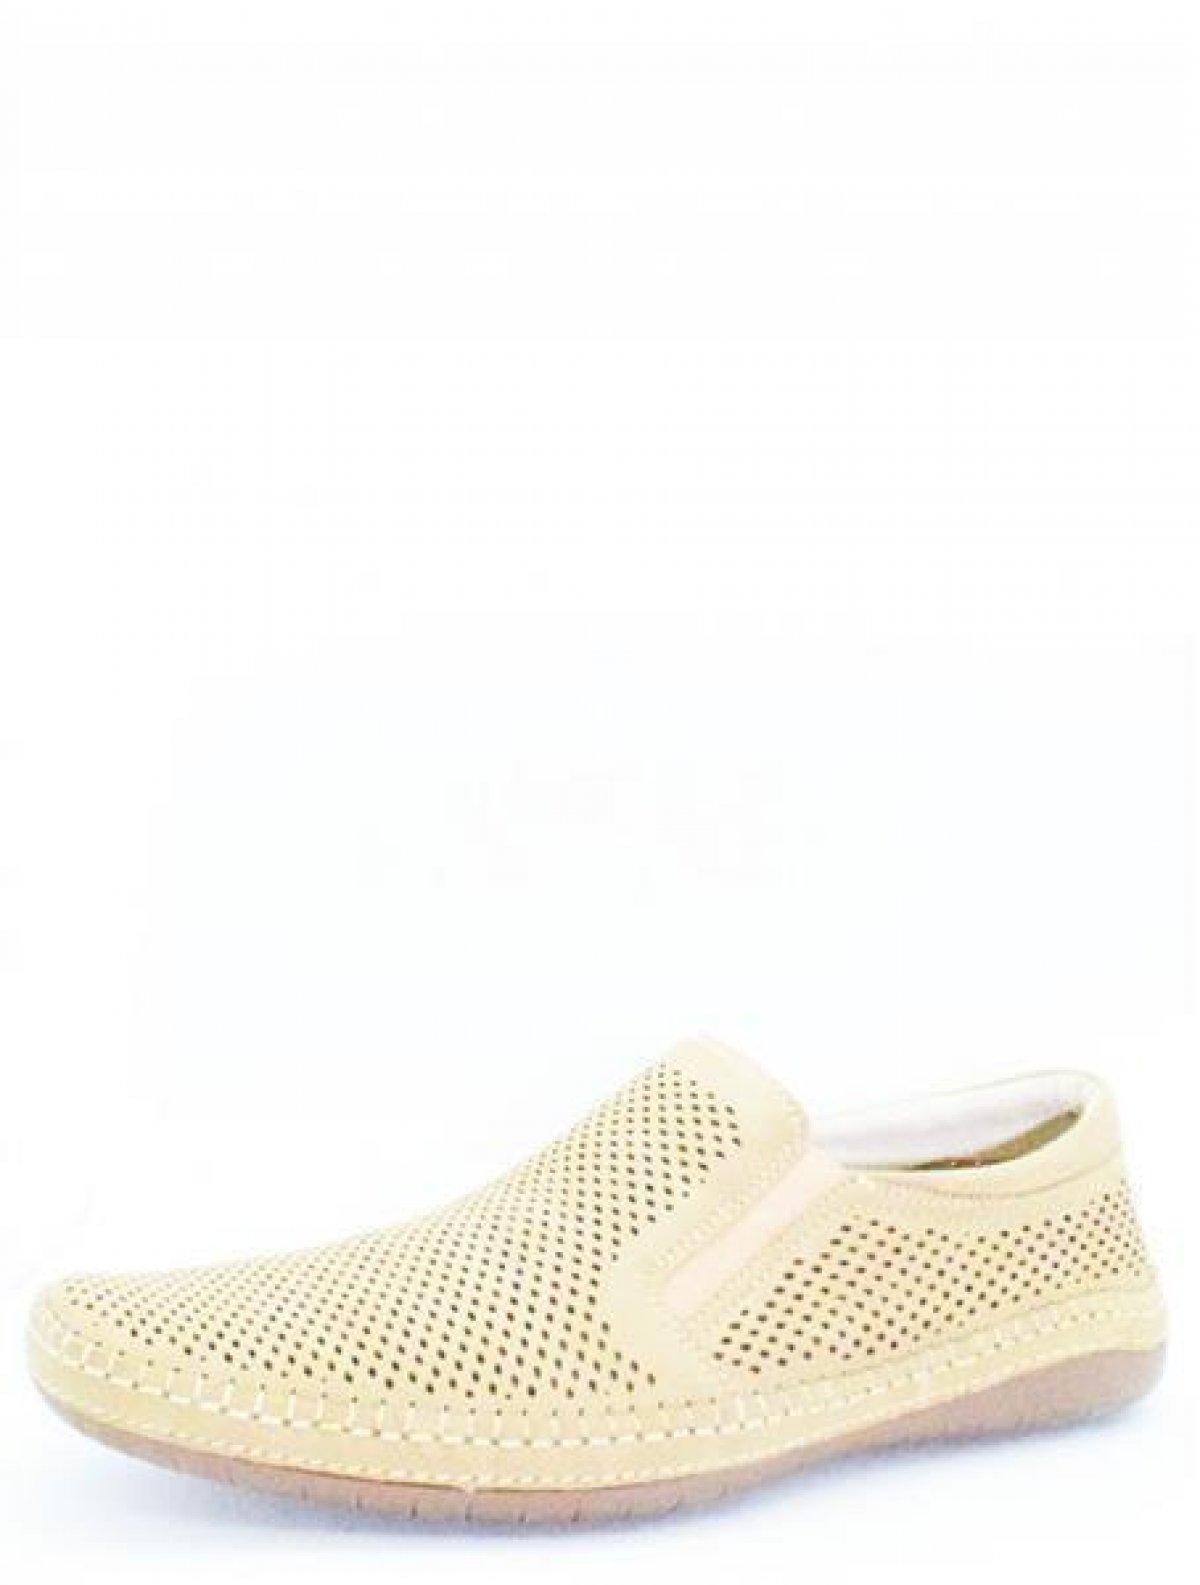 159353-5 туфли мужские